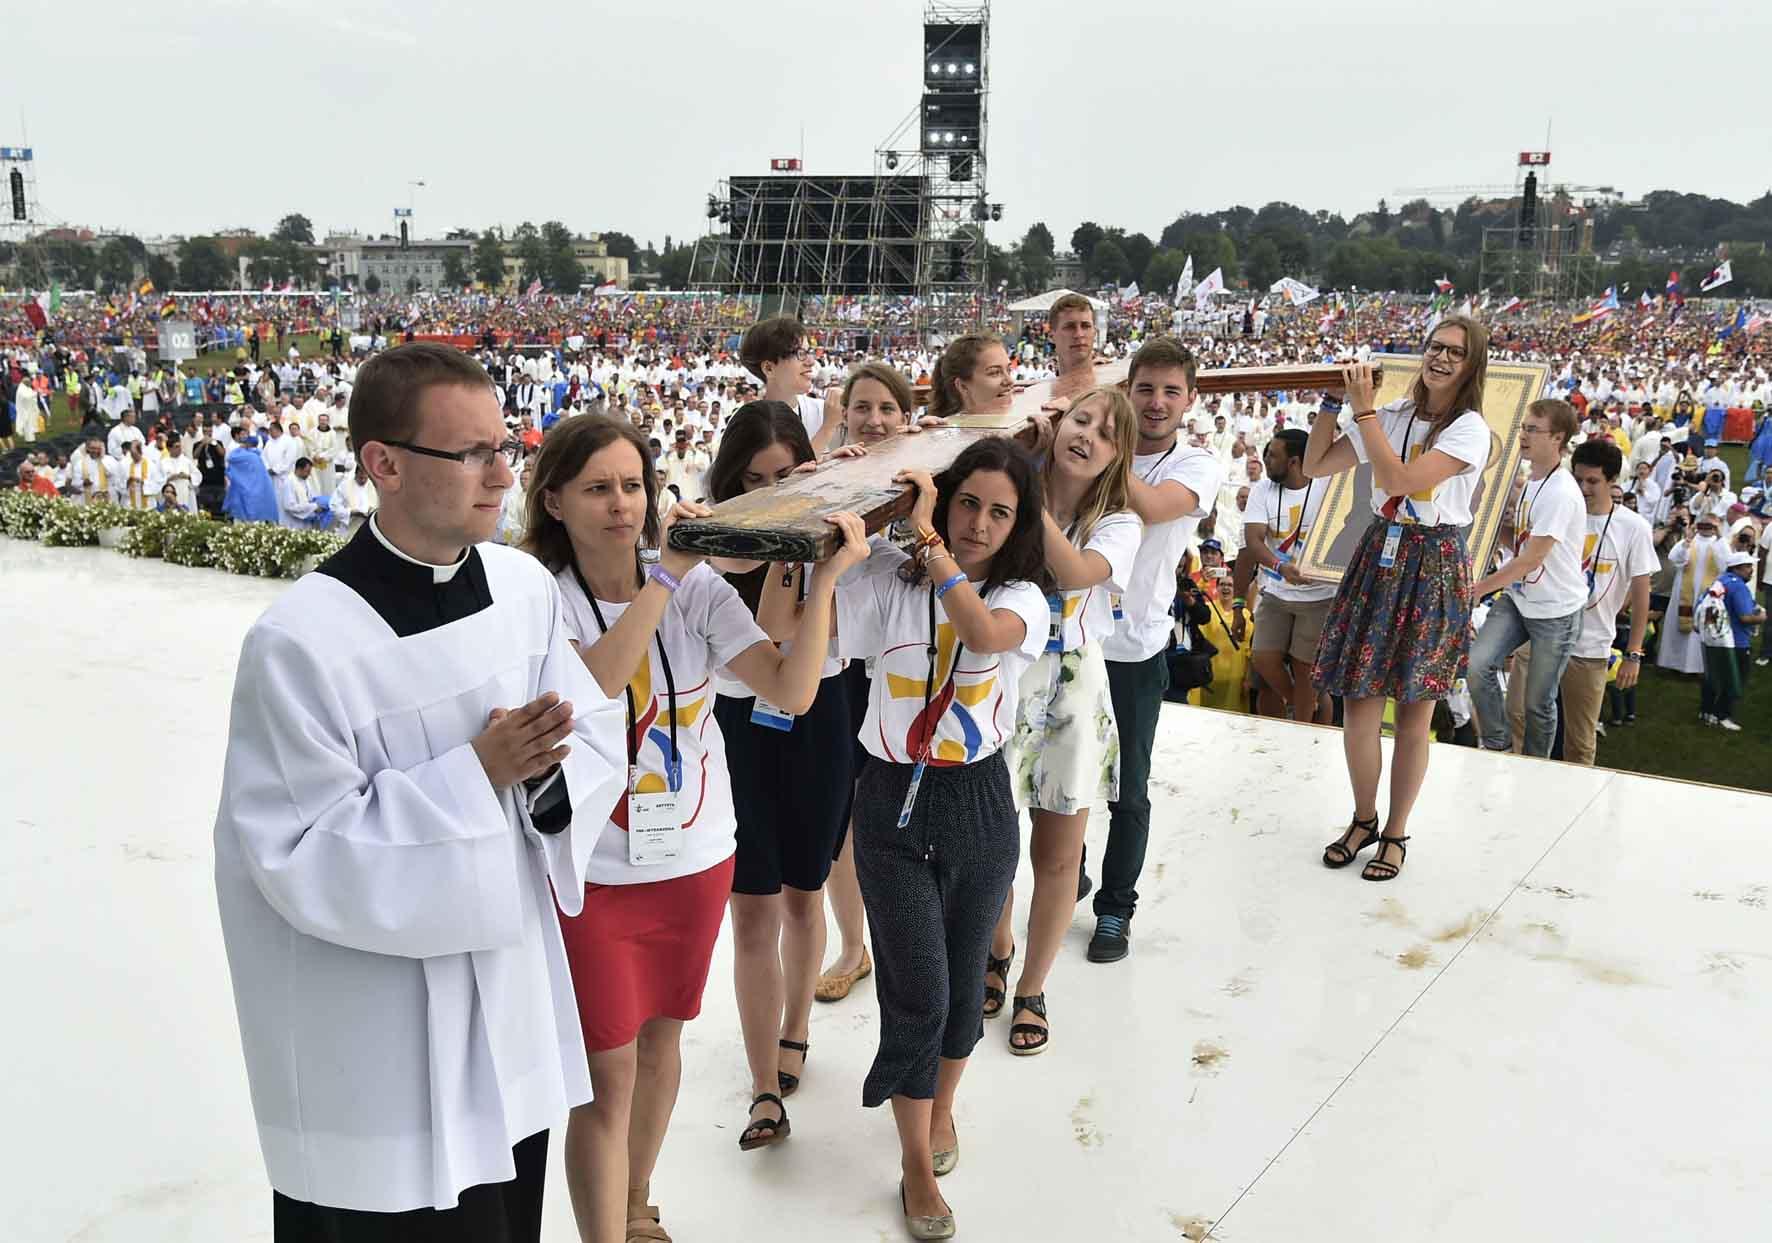 Cracovia 26 luglio 2016. GMG 2016Giornata Mondiale della Giovent.Nel parco Blomia la Messa di apertura